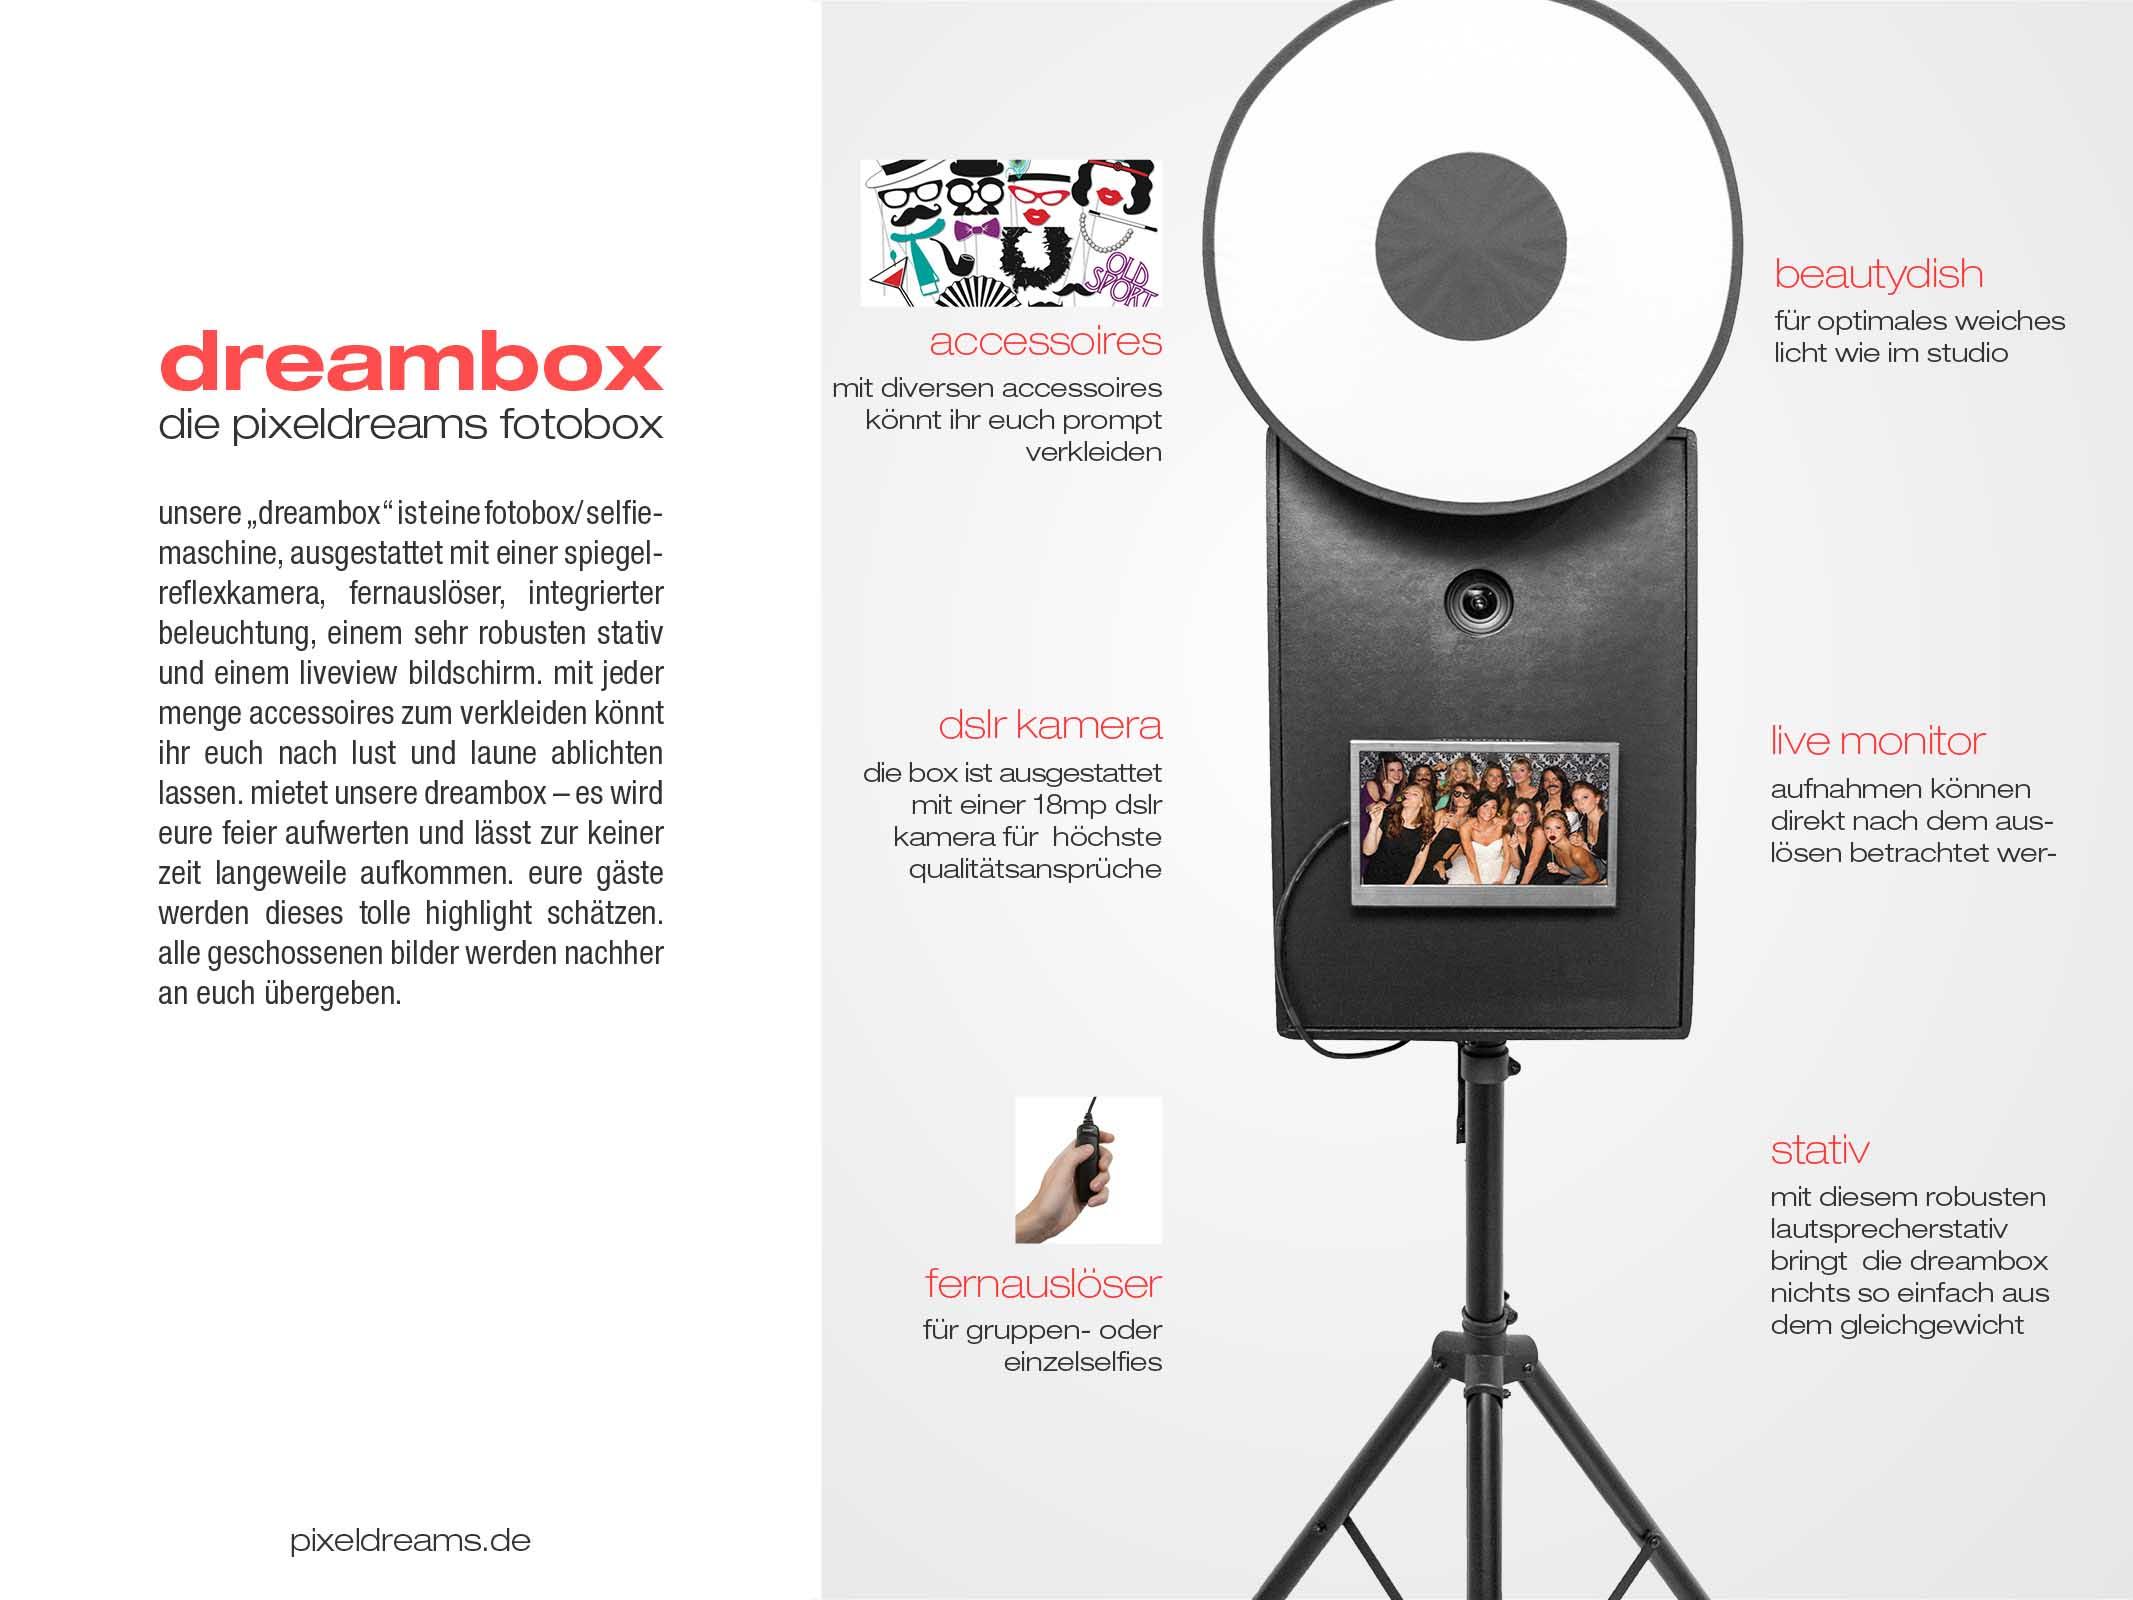 Jetzt Photo Booth Fotobox in Köln, Bonn, Düsseldorf buchen. Die Fotobox ist in Köln Bonn Düsseldorf und Umgebung günstig zu vermieten. Wir verleihen Sie einschließlich Accessoires wie Props und andere Verkleidungsmaterialien gibt es im Preis inbegriffen.